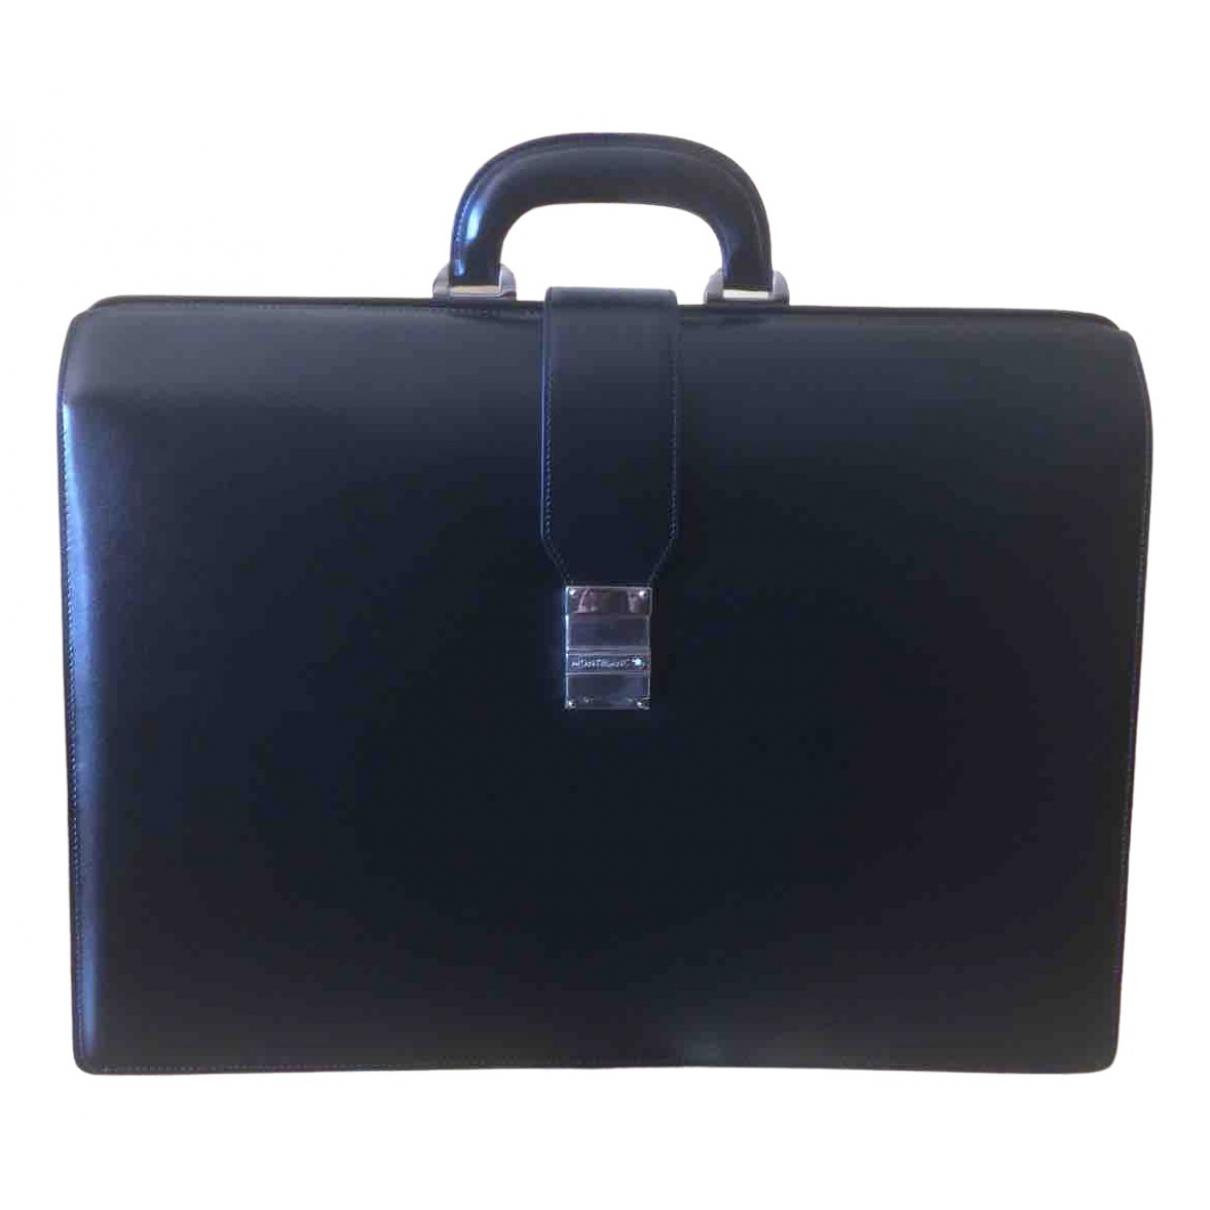 Montblanc \N Black Leather bag for Men \N